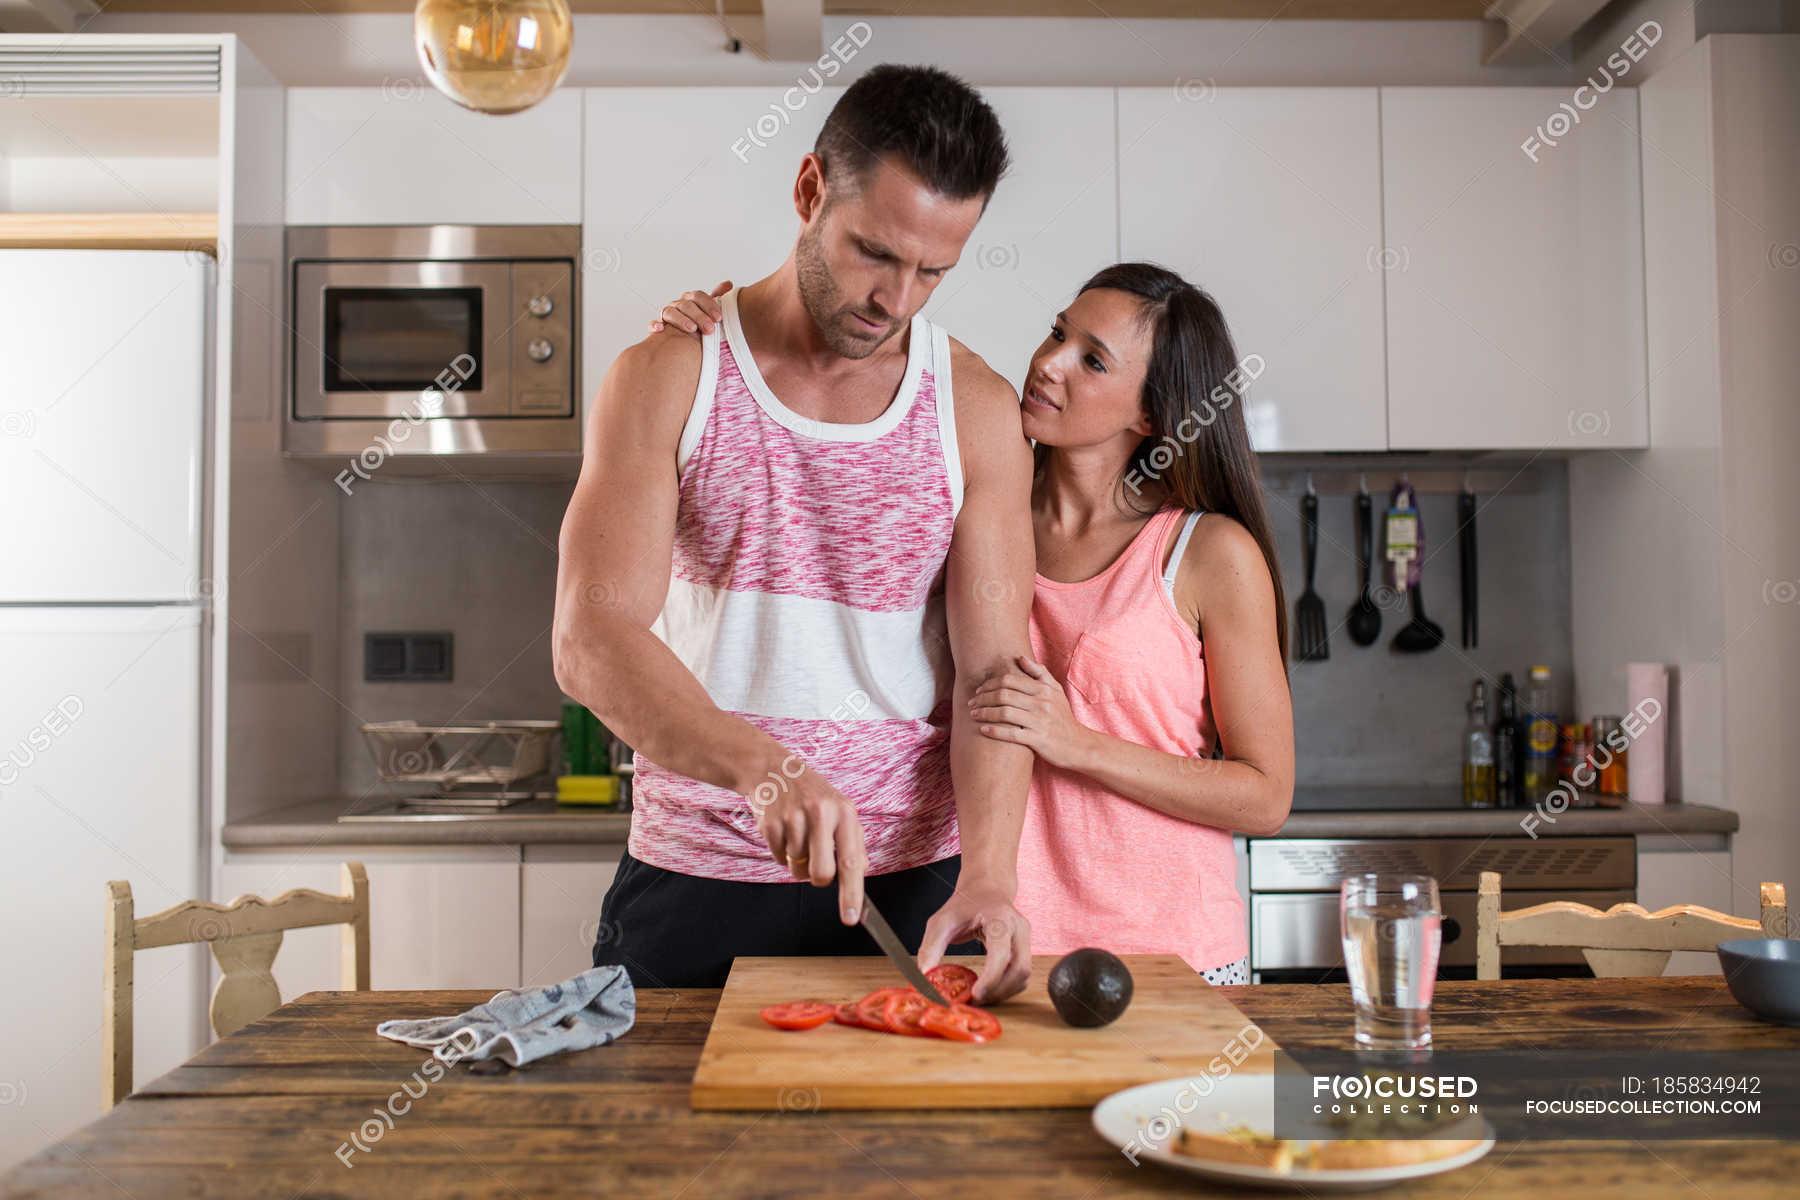 Секс на кухне в гостях, Порно на Кухне, смотреть видео Секс на Кухне 15 фотография